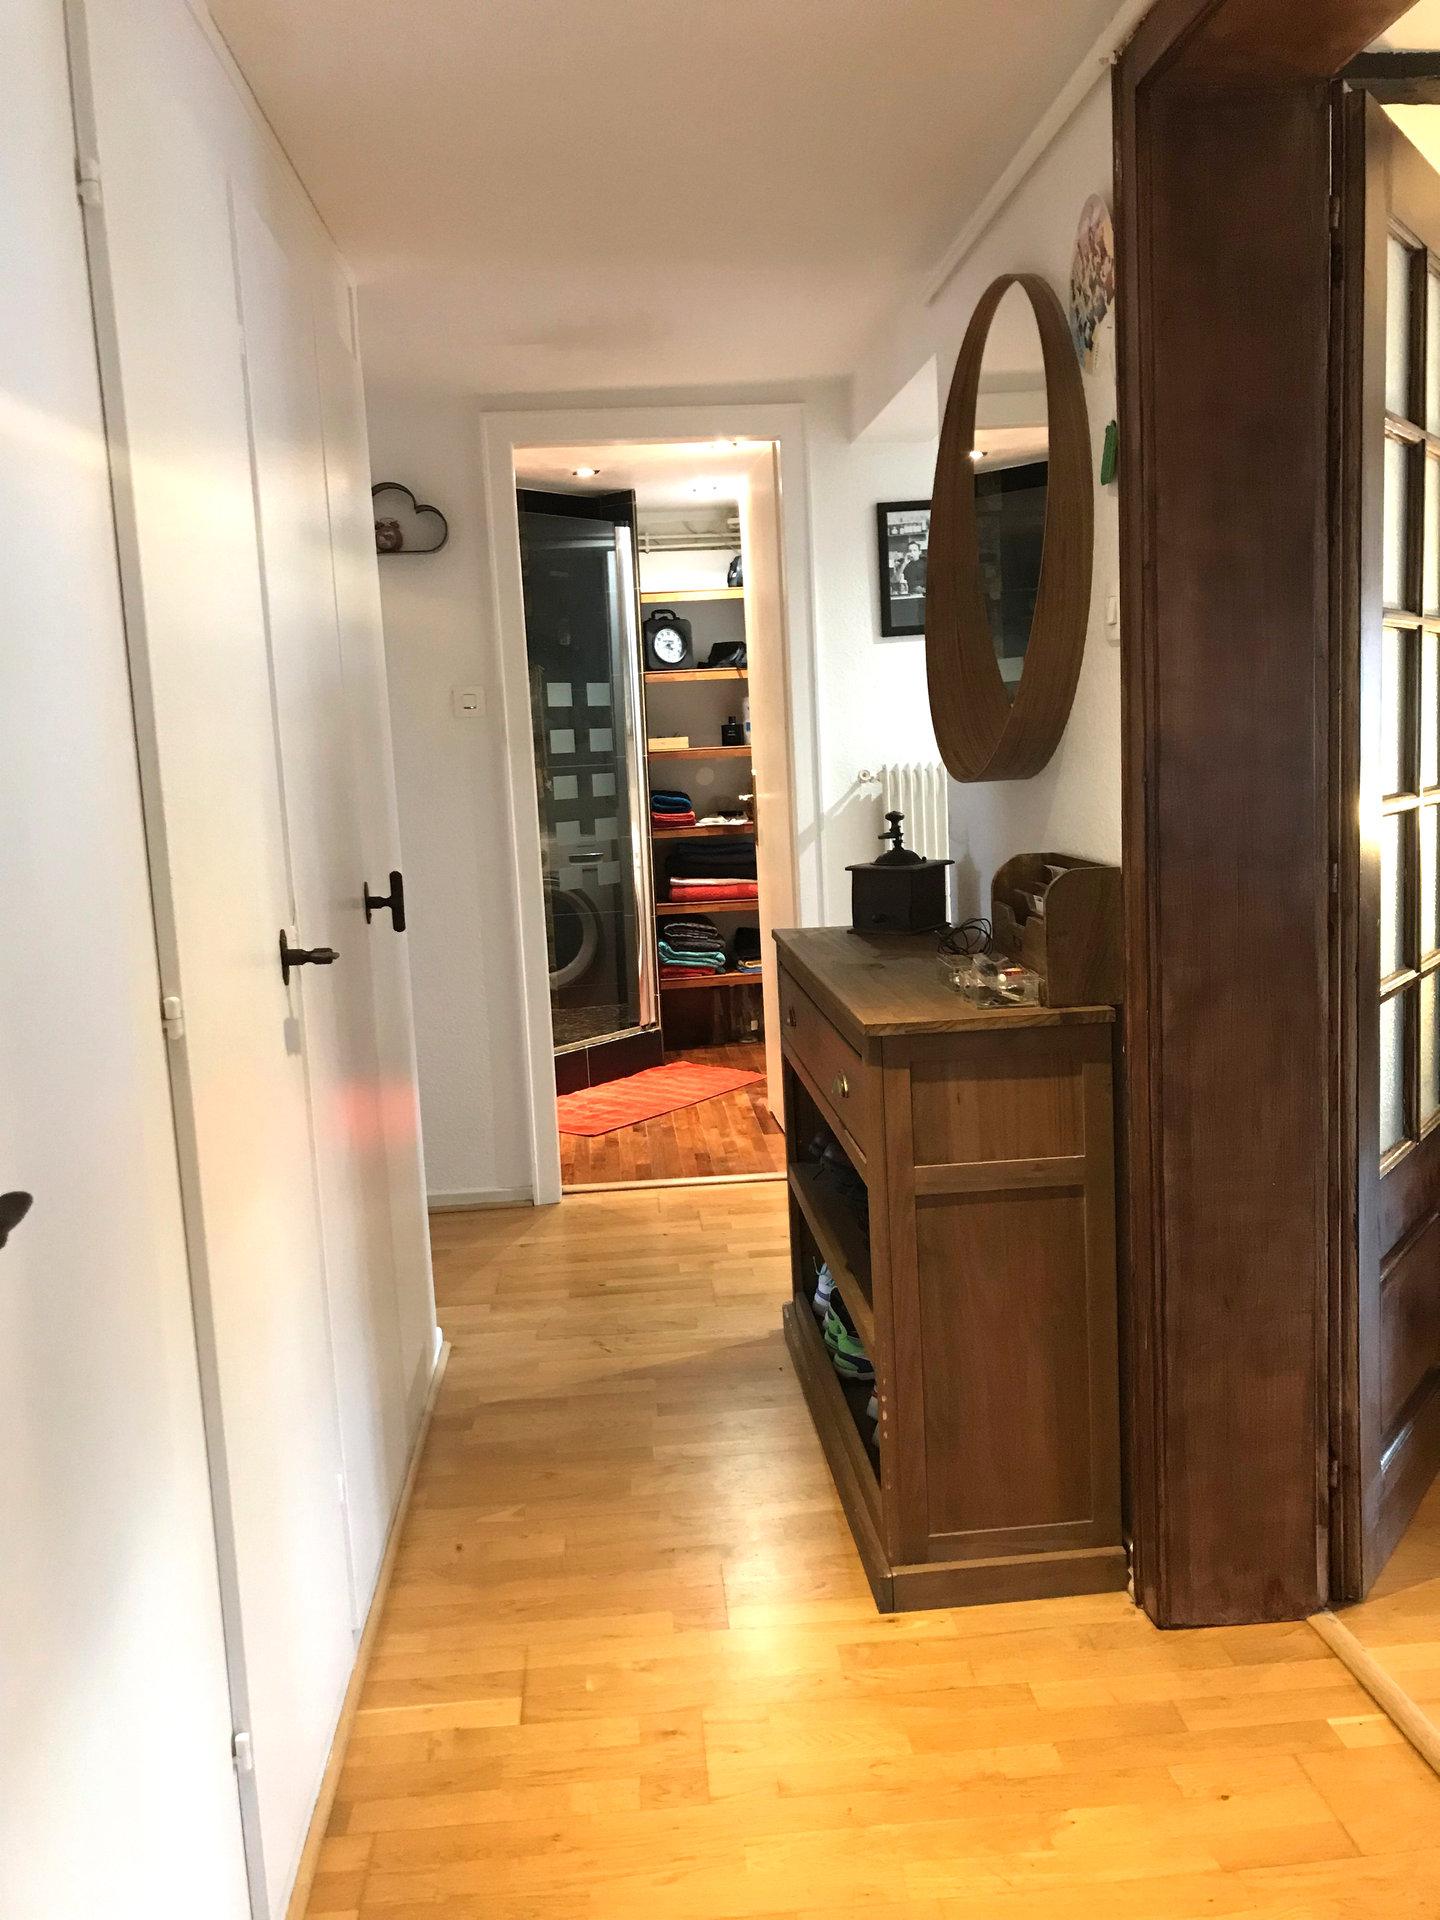 SOUS COMPROMIS - Magnifique appartement au coeur de la Krutenau !